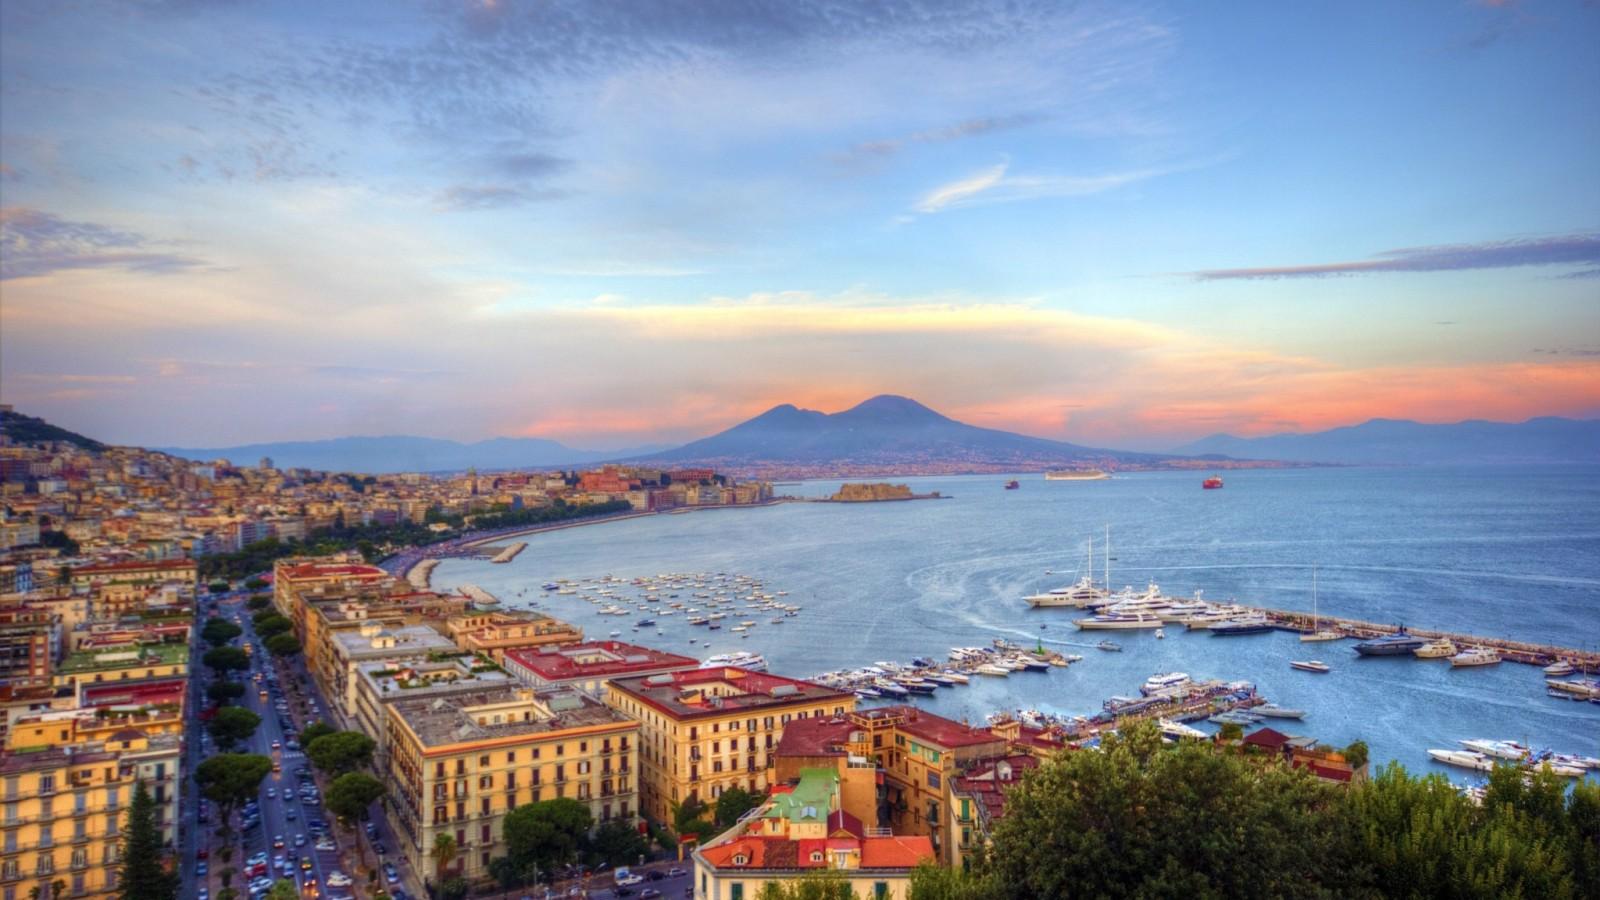 Una veduta del Golfo di Napoli (che meraviglia!)